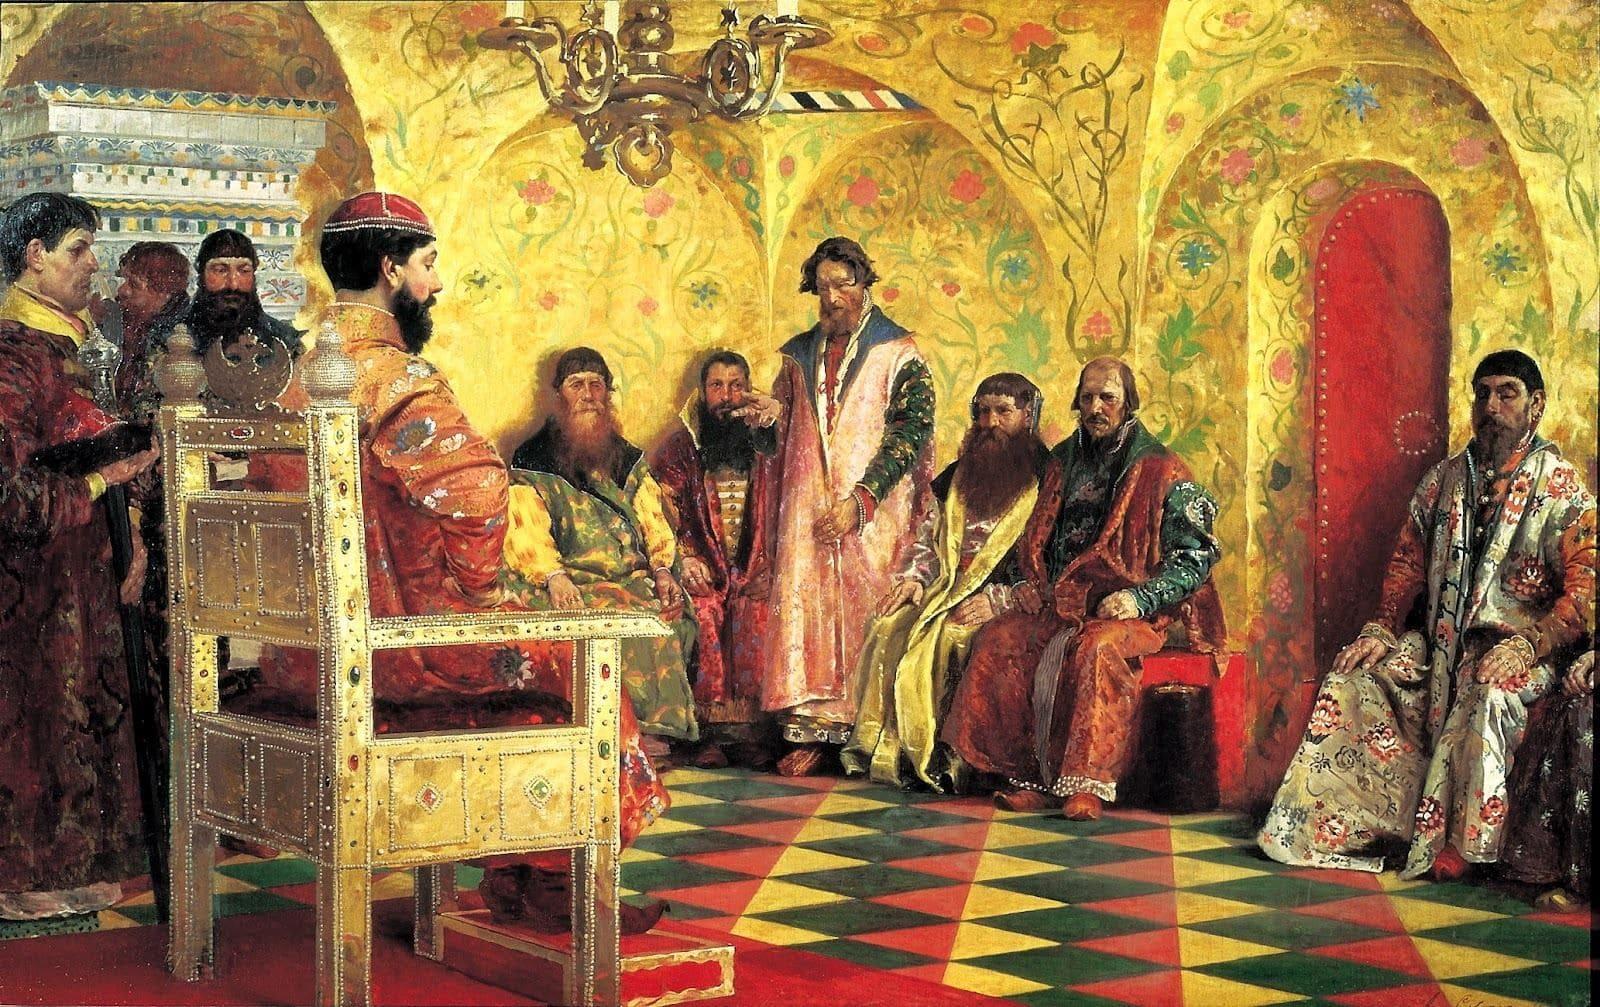 Художник Андрей Петрович Рябушкин (1861 — 1904). Картины русской жизни